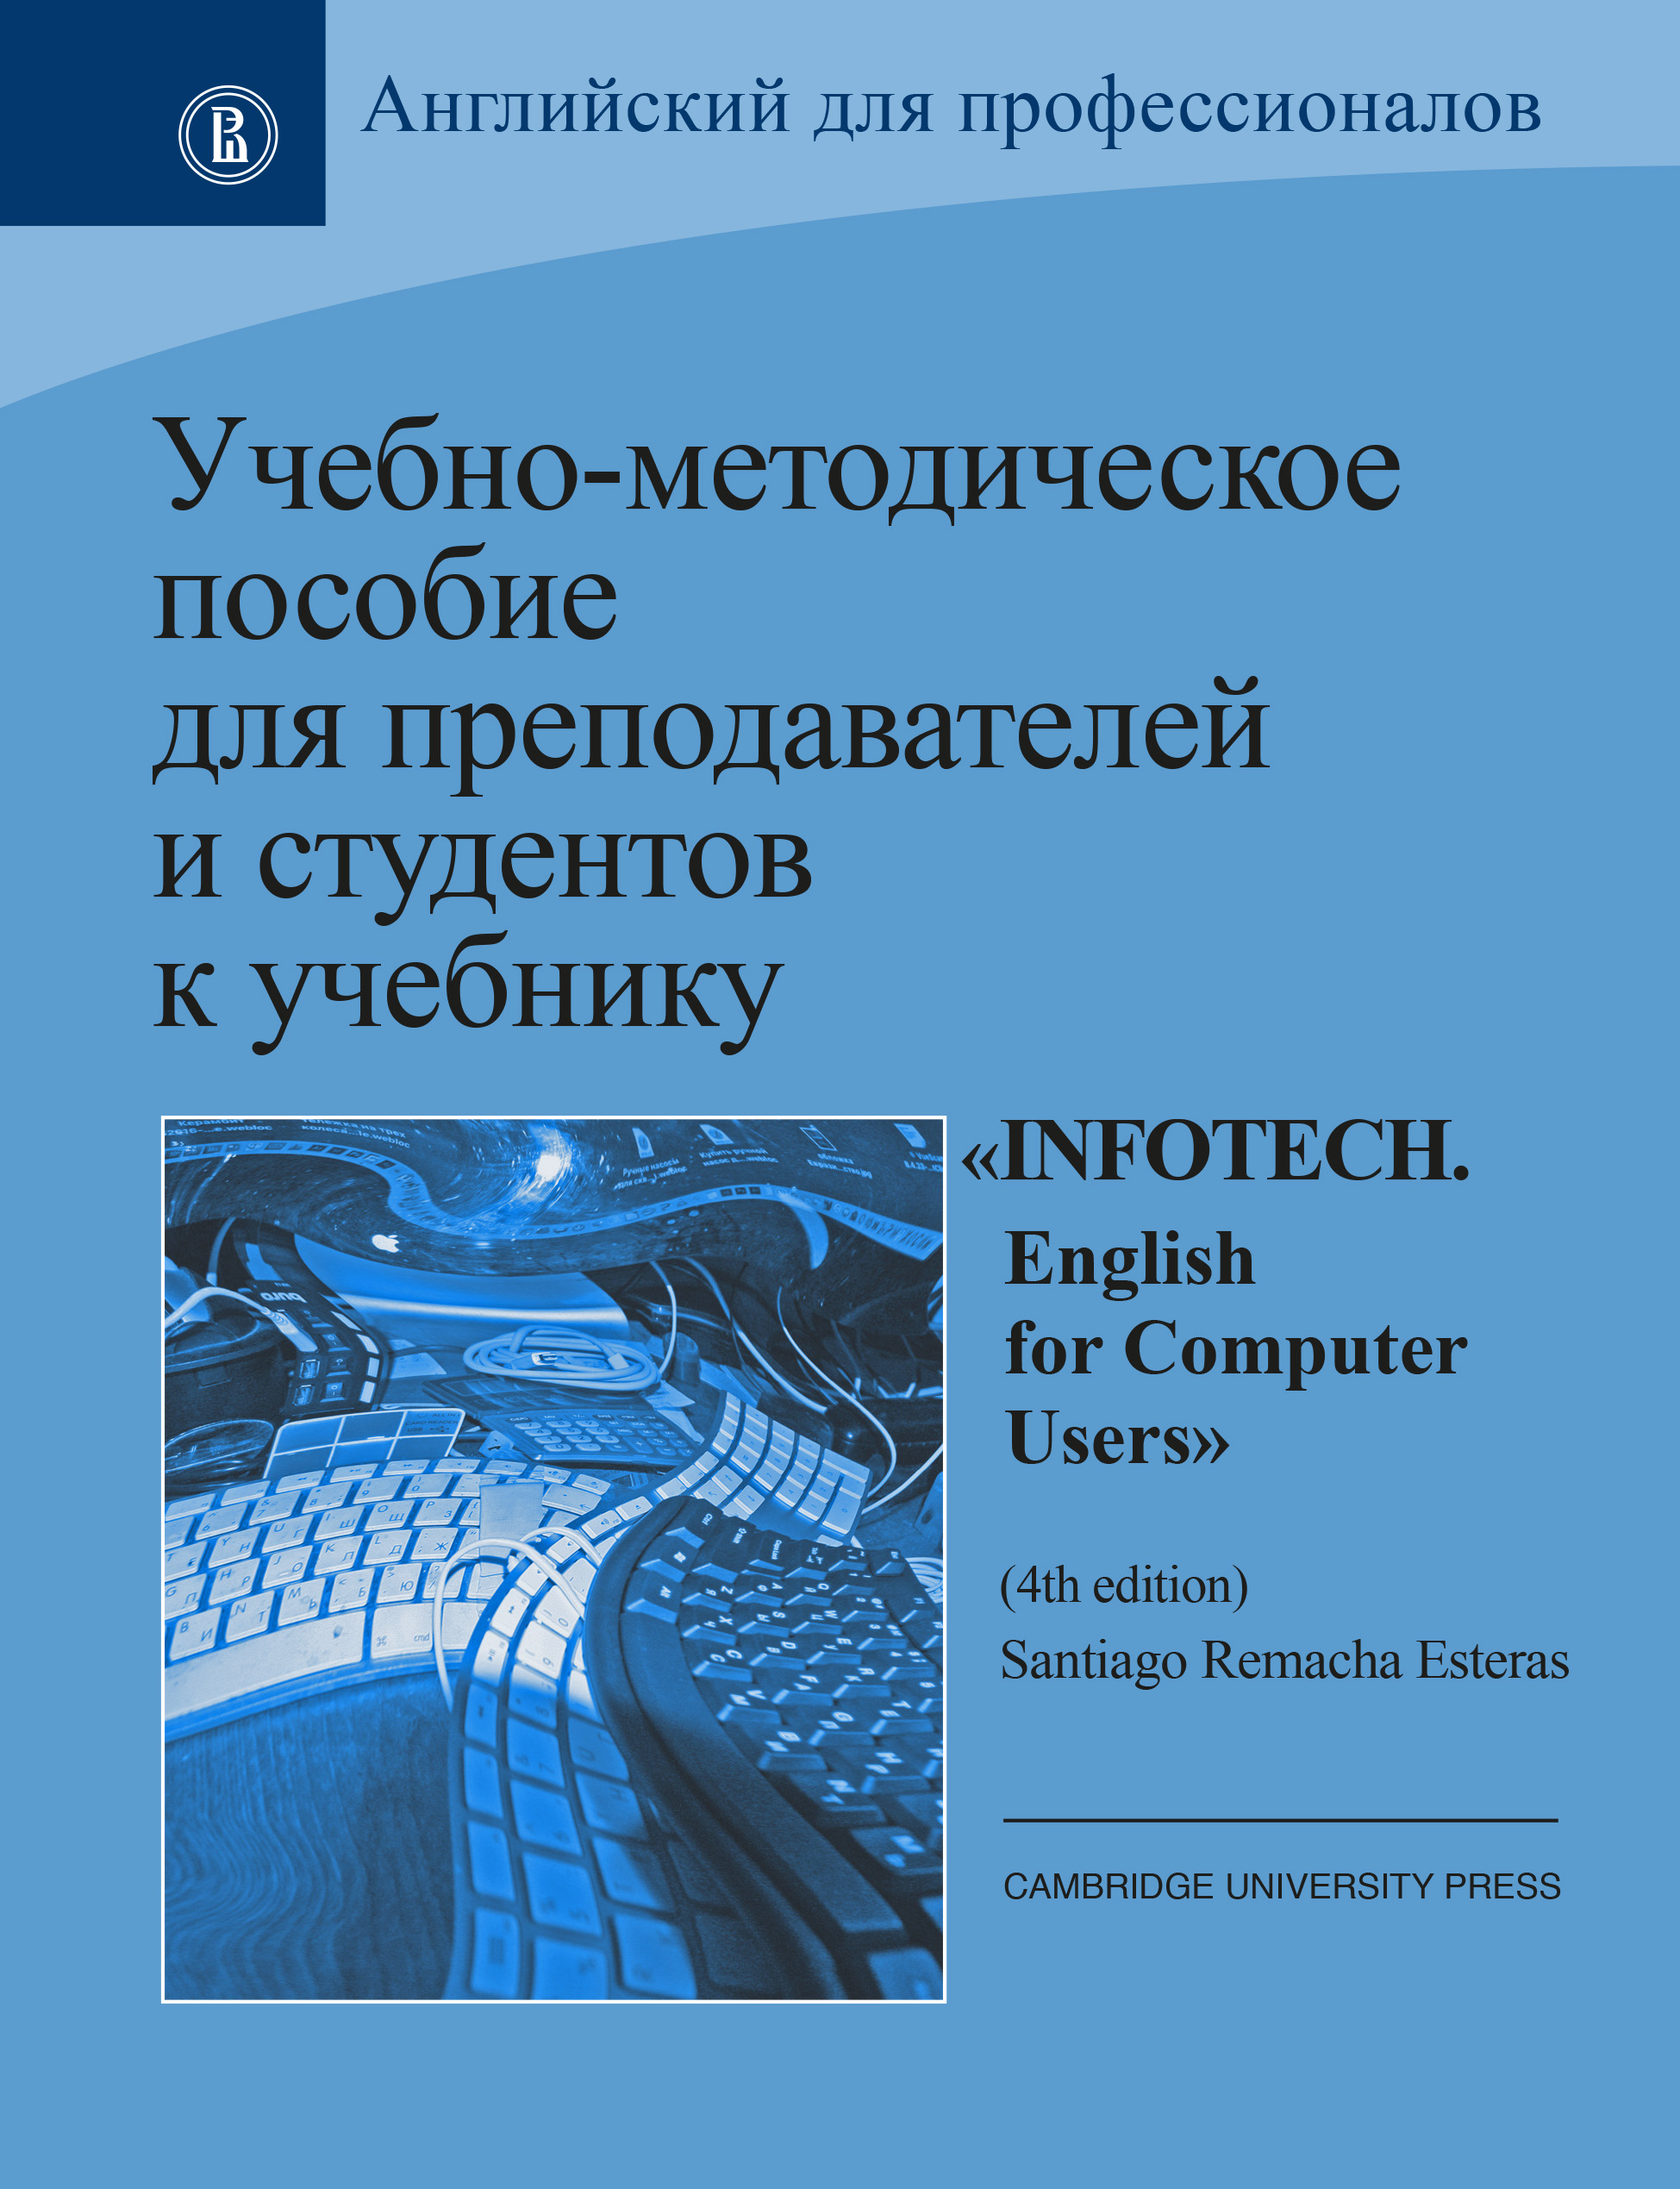 Учебно-методическое пособие для преподавателей и студентов к учебнику «Infotech. English for Computer Users» by Santiago Remacha Esteras (4th ed.)